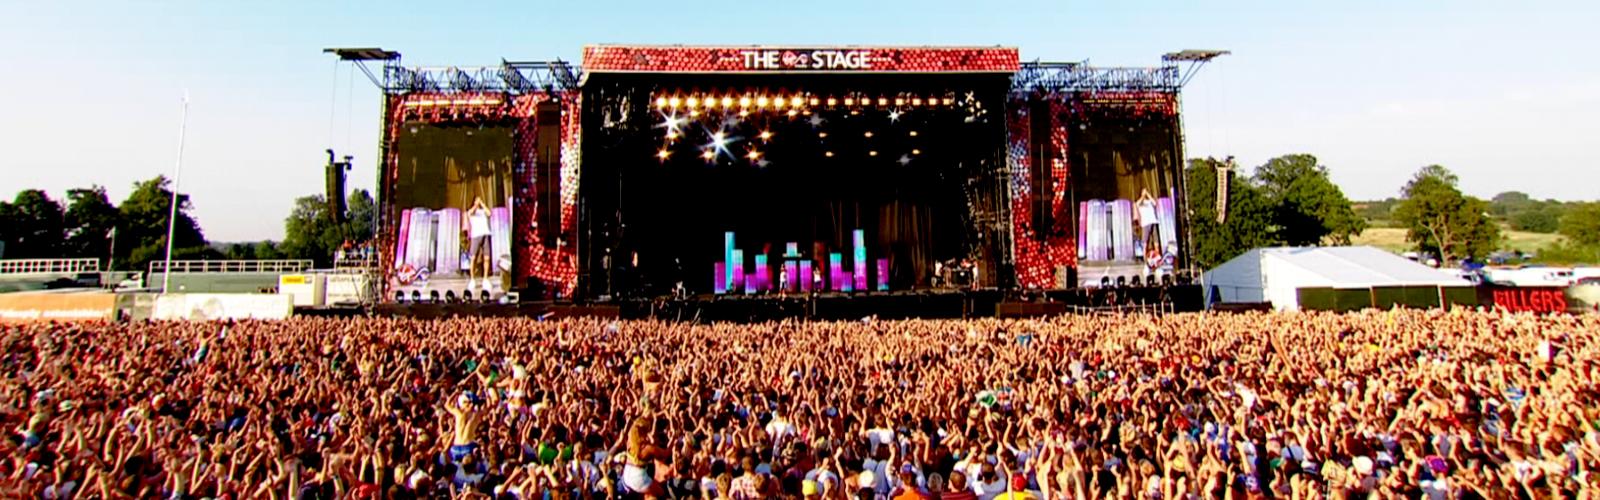 homepage-slide-festival